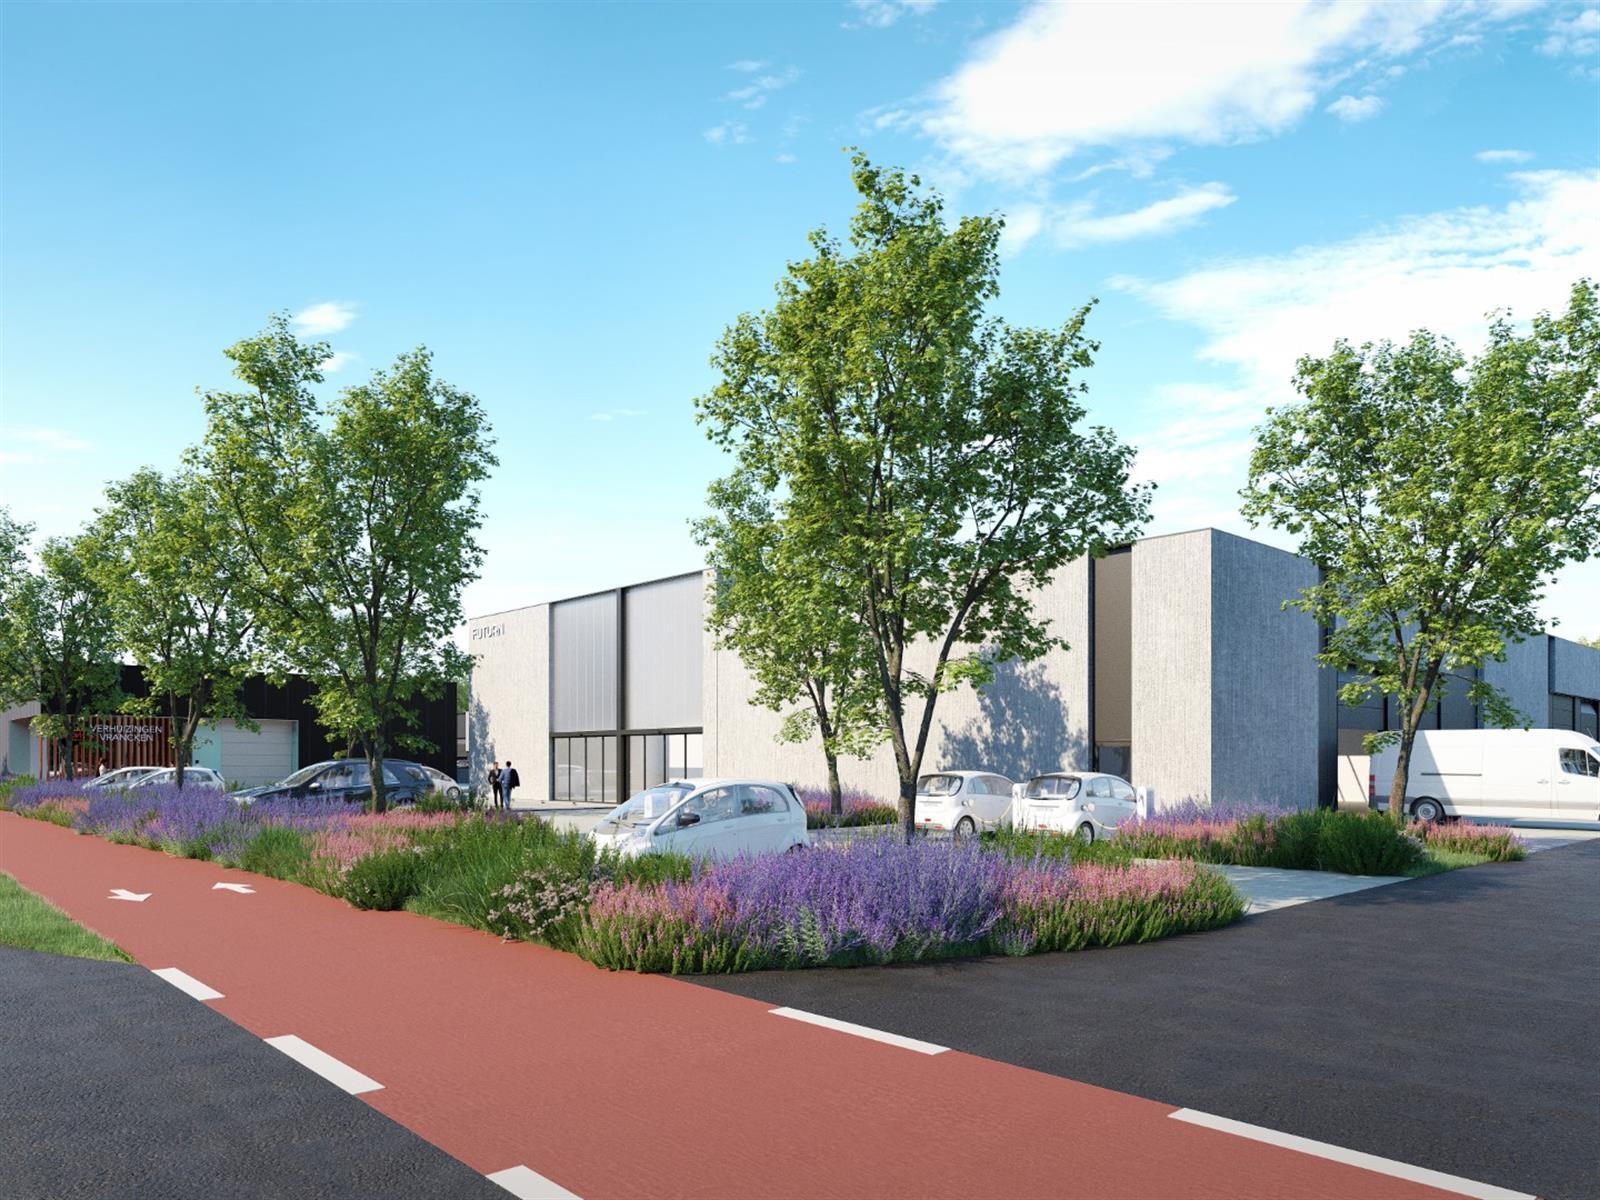 KMO-unit te koop Heros Businesspark KMO Unit 4 - Herkenrodesingel 10, 3500 Hasselt, België 6